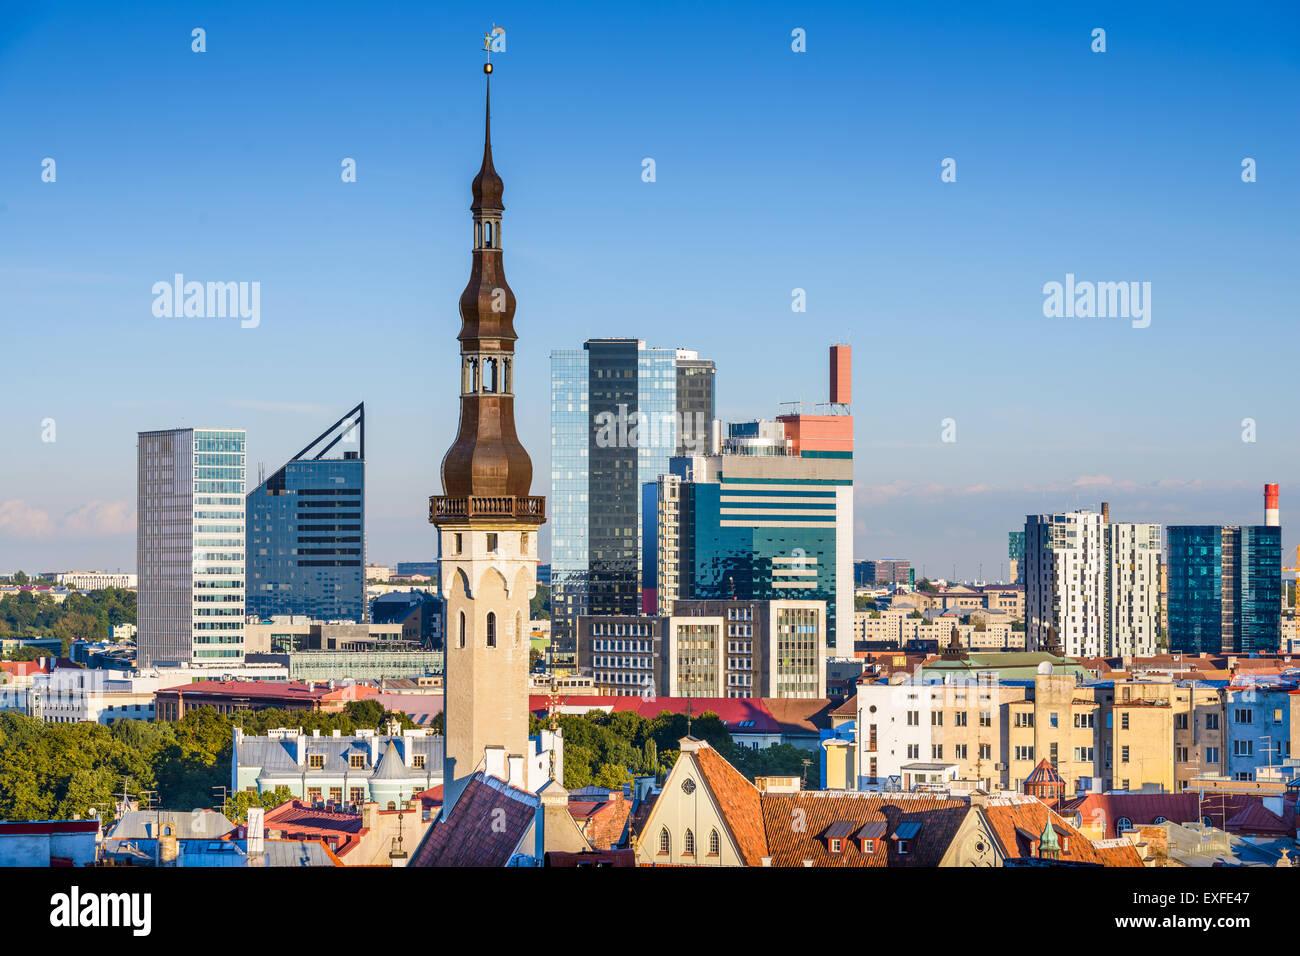 Tallinn, Estonia con modernos rascacielos y edificios históricos. Imagen De Stock